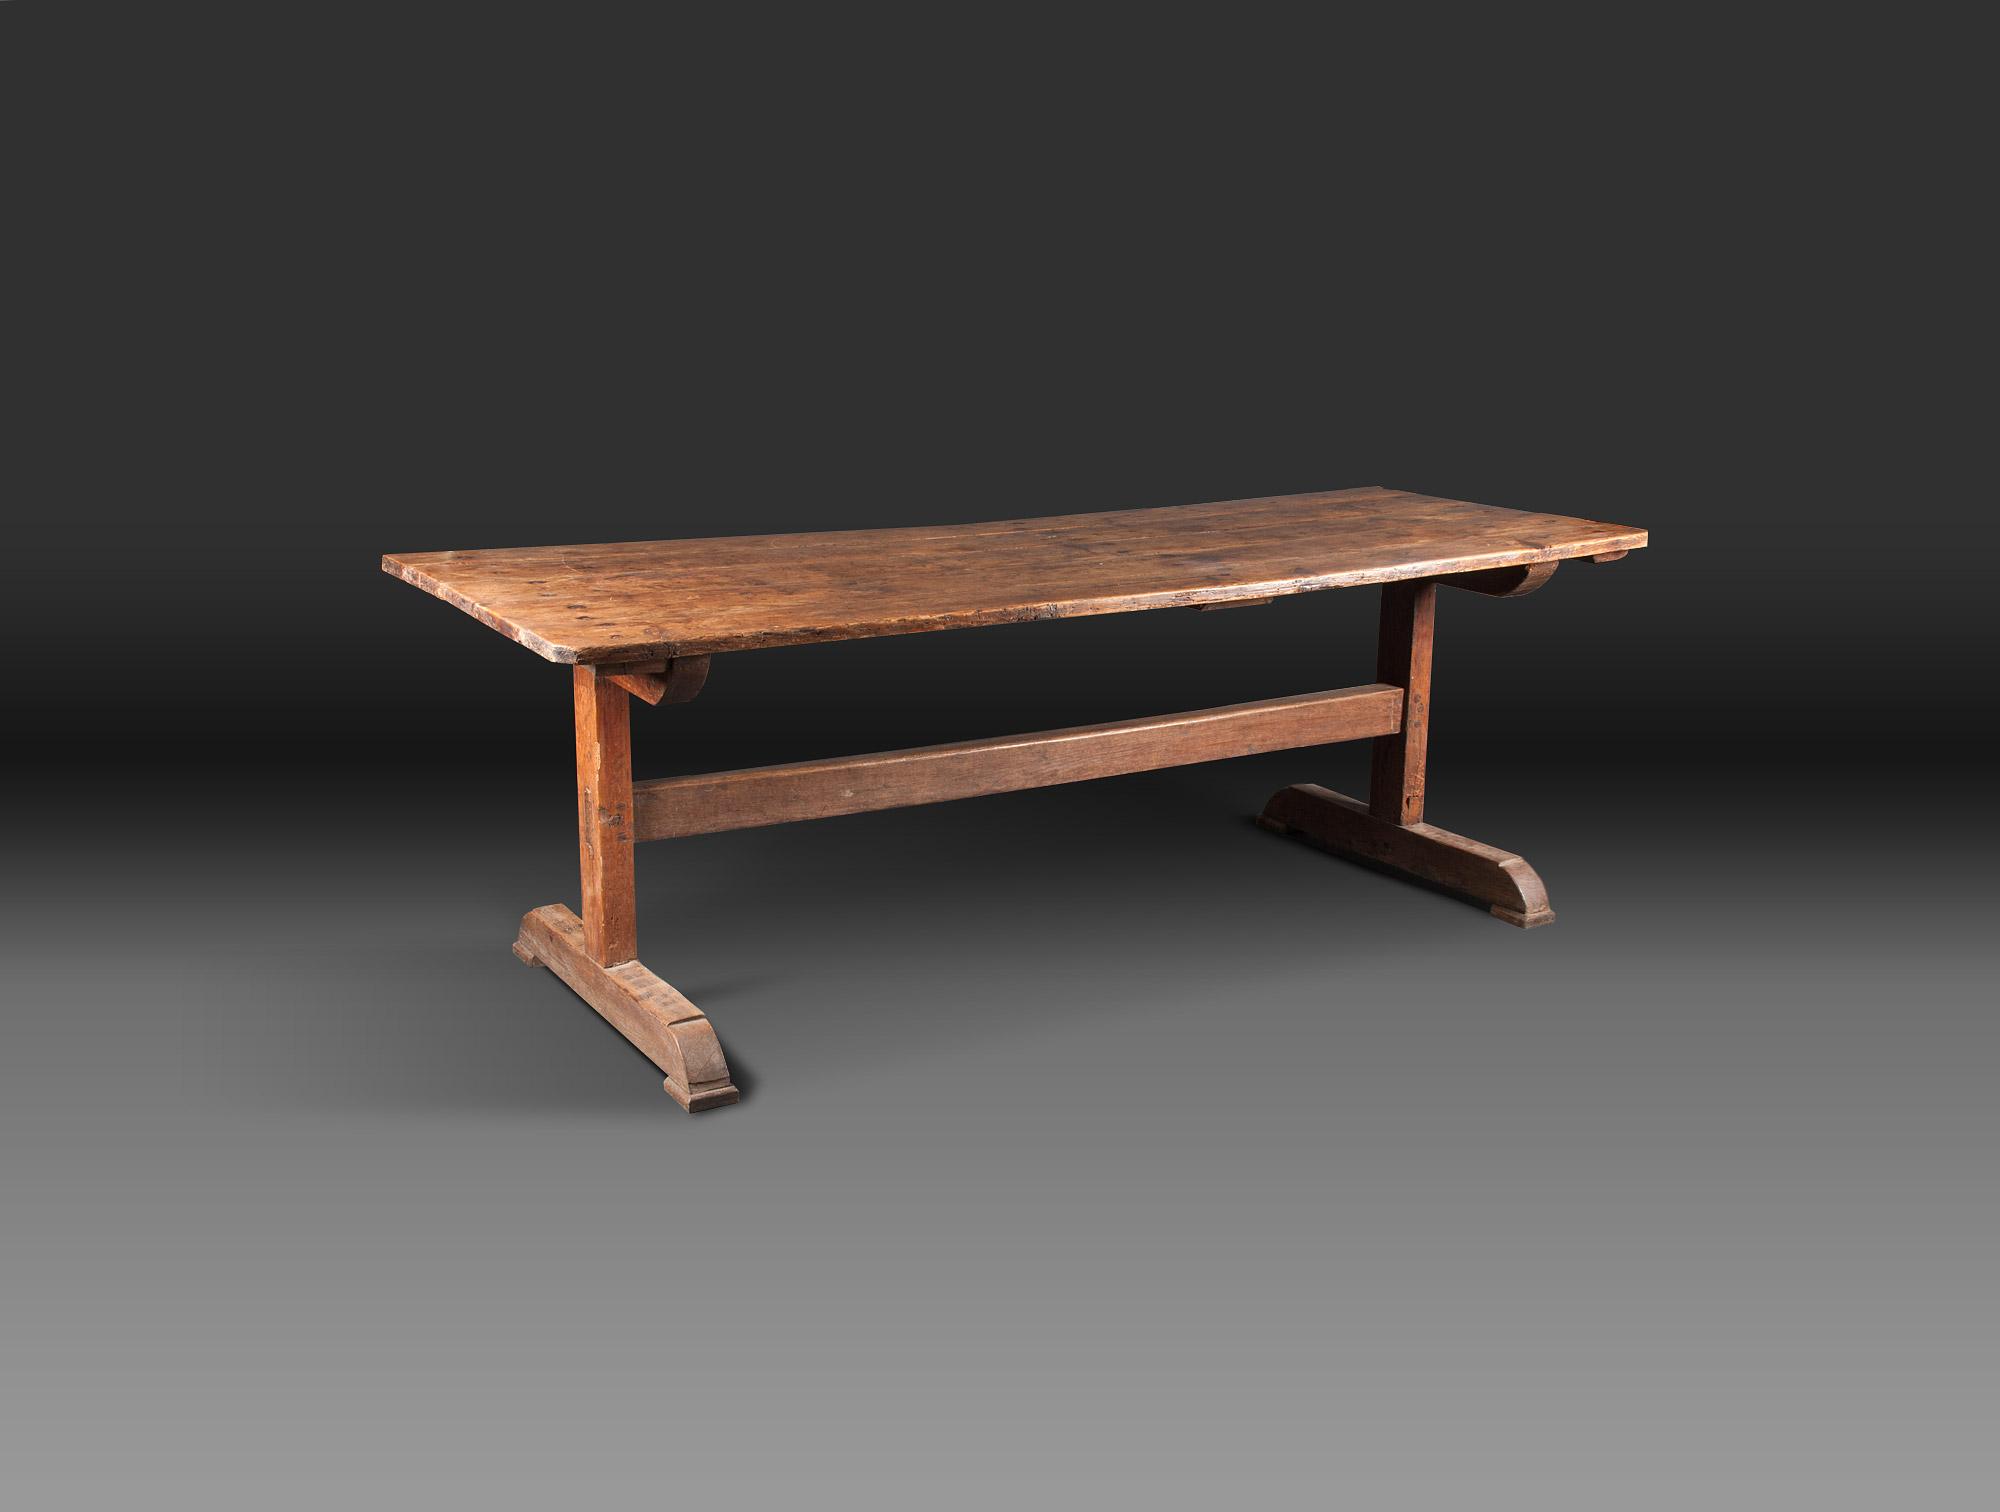 Table rustique soubrier louer tables bureaux table xixe - Table rustique ...